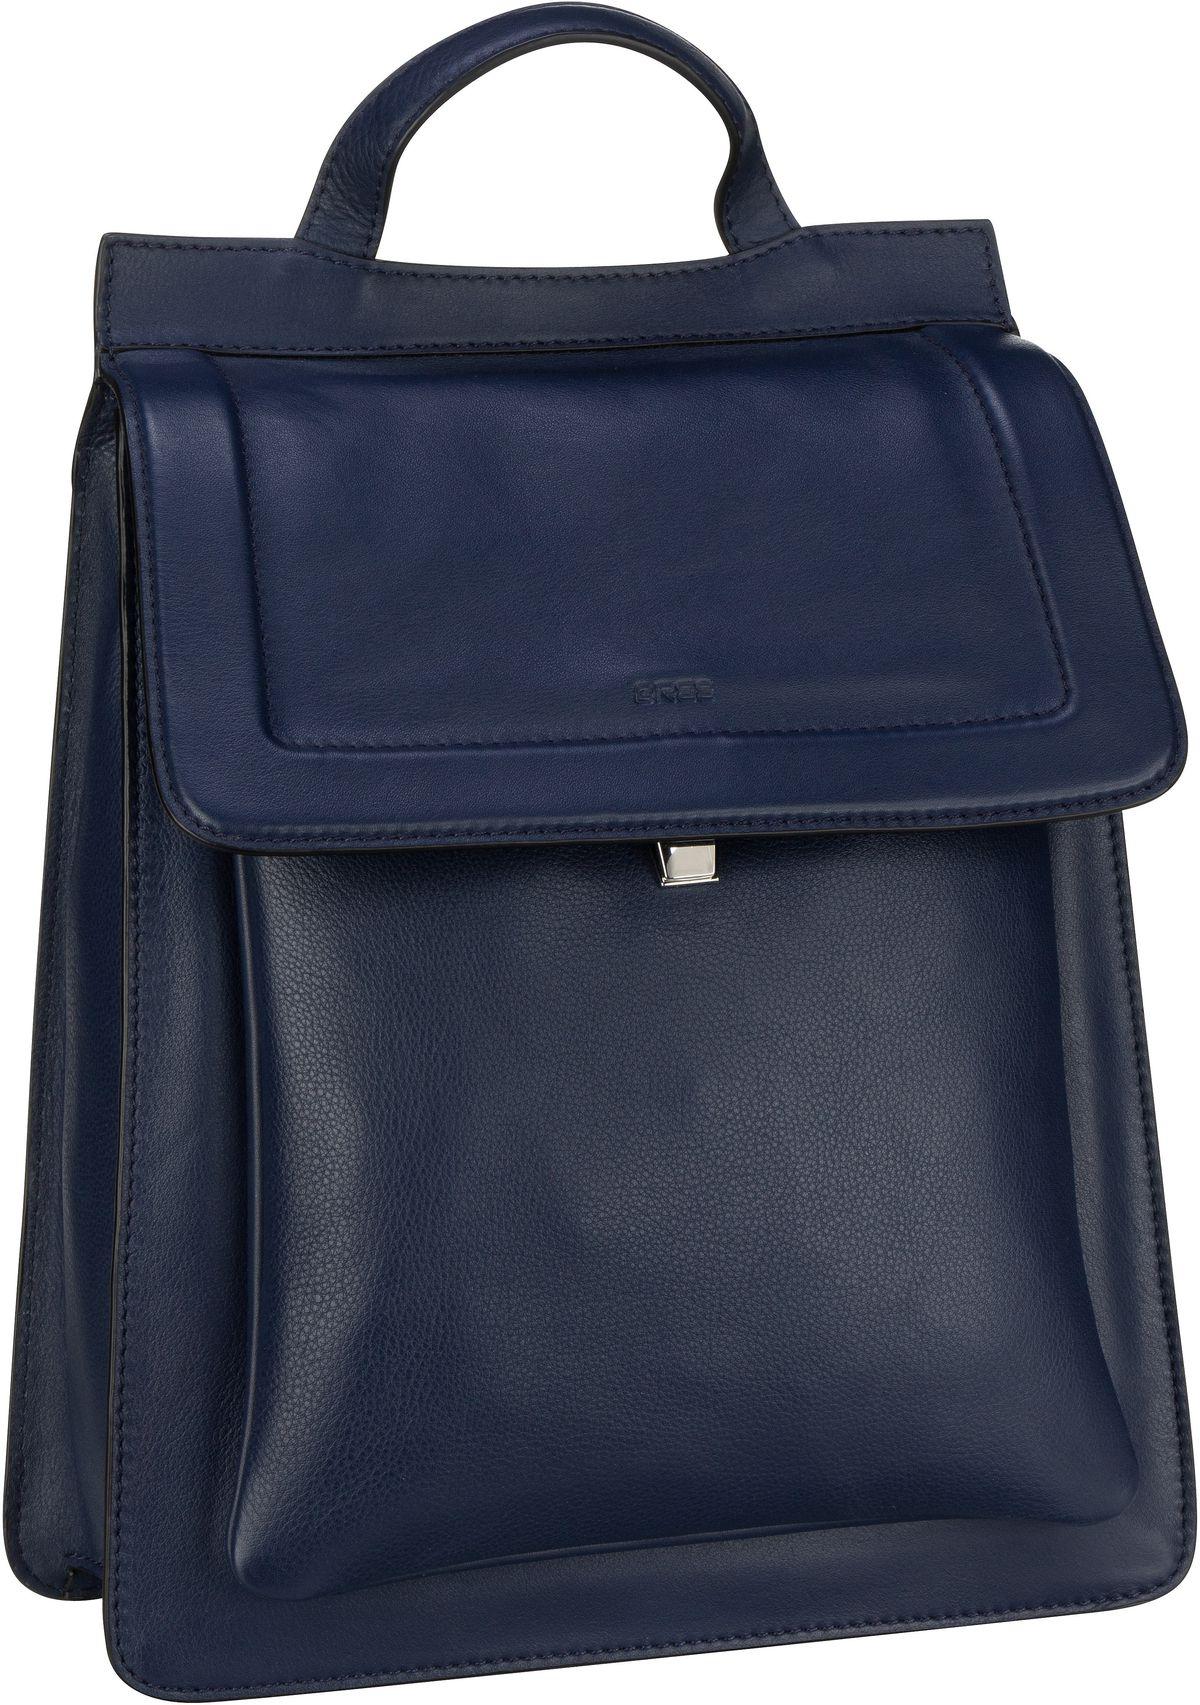 Rucksack / Daypack Splendor 3 Navy Blazer (8 Liter)